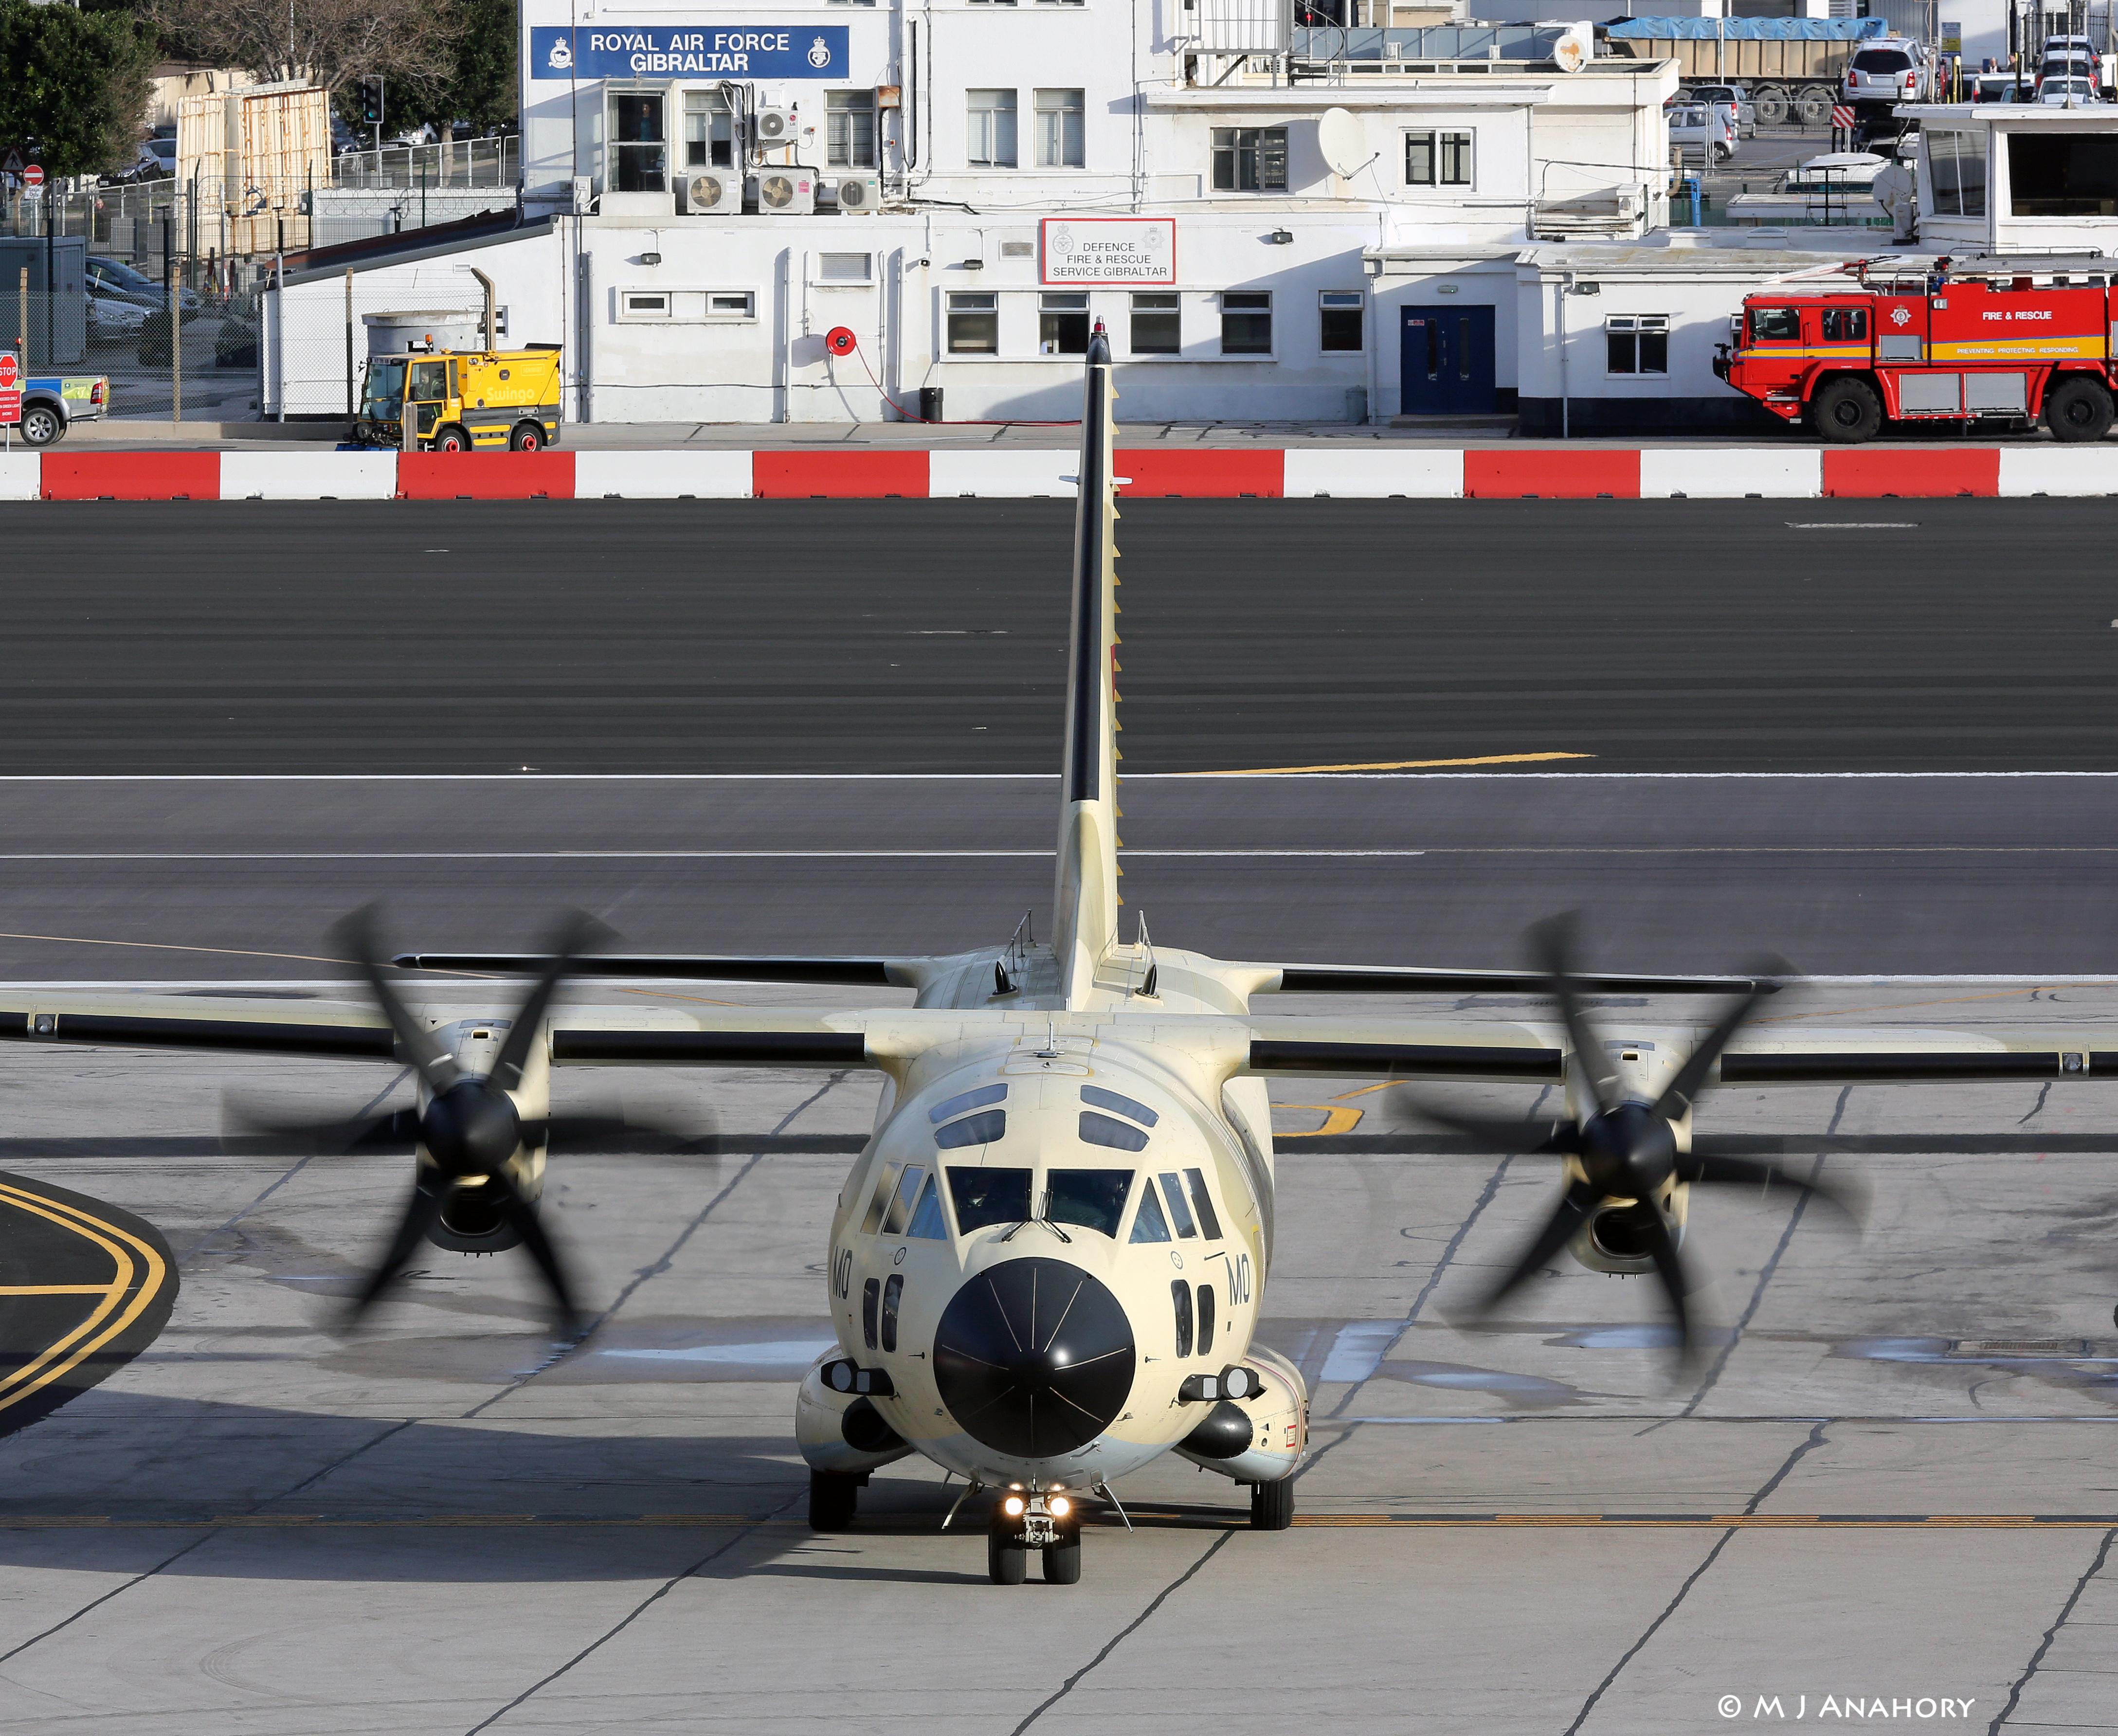 طائرات النقل العاملة بالقوات المسلحة المغربية - صفحة 3 24886906531_fa1ffcec8d_o